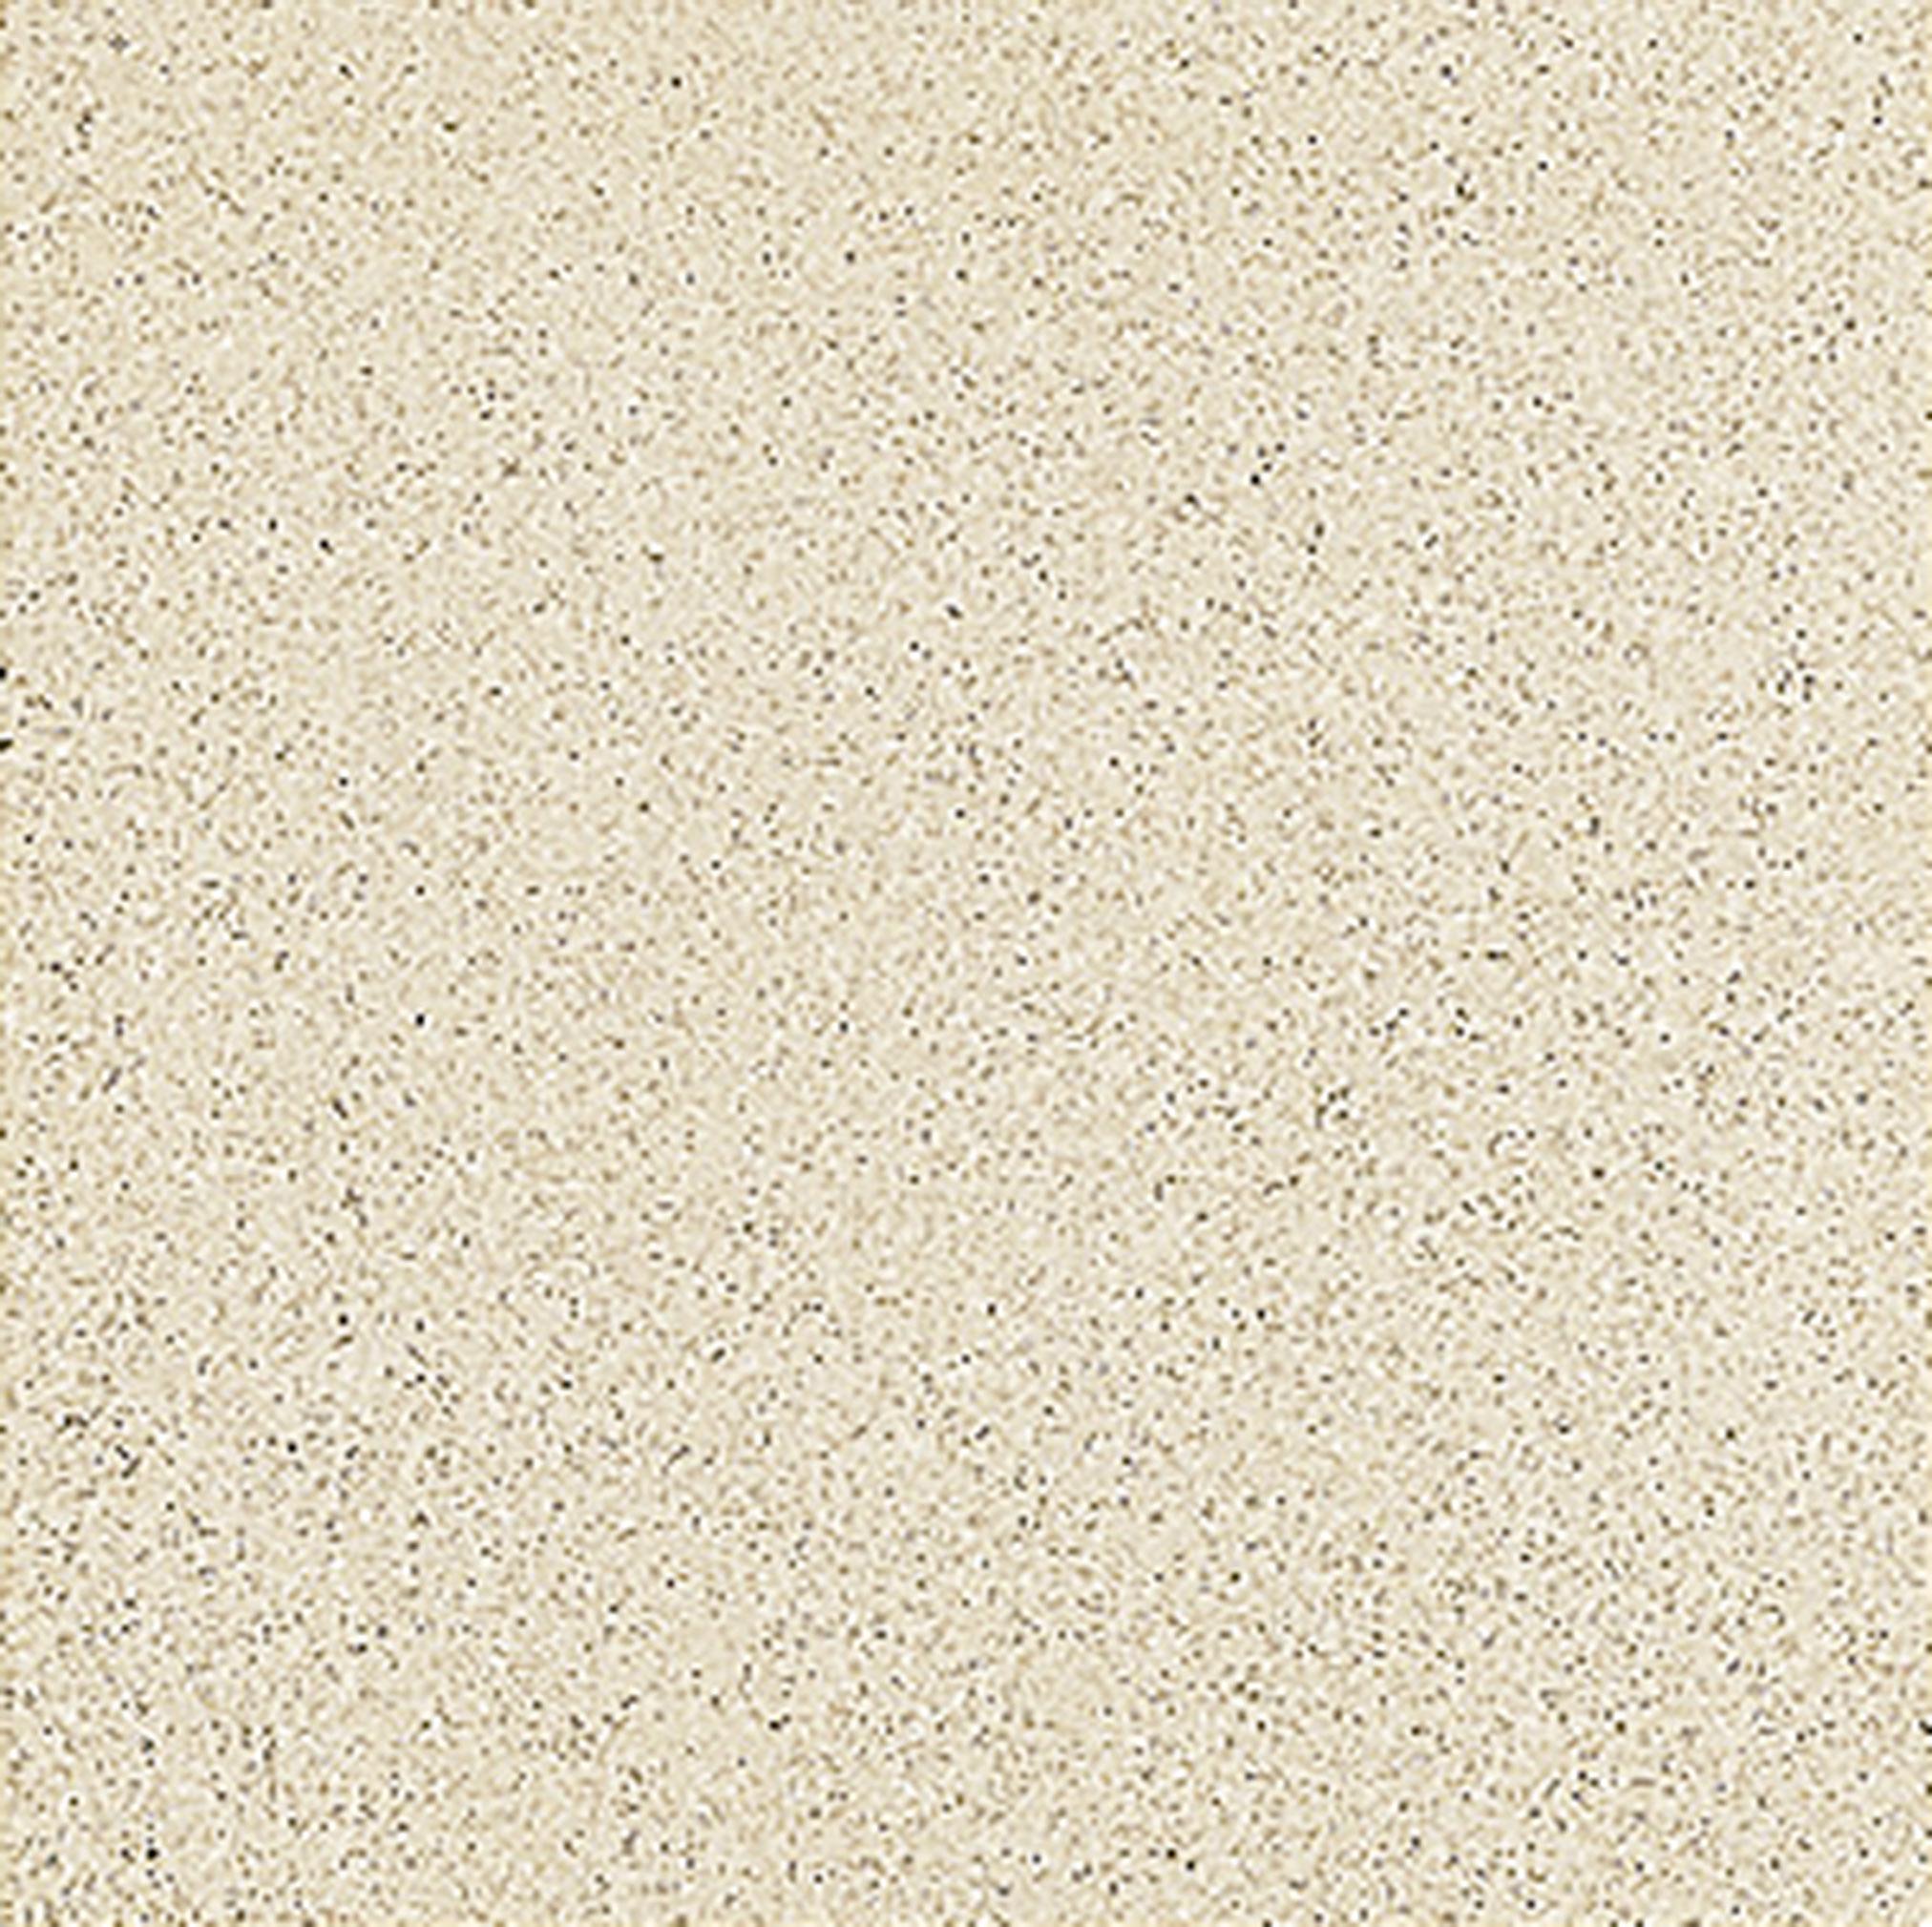 Tch granito geotiles - Granito beige mara ...